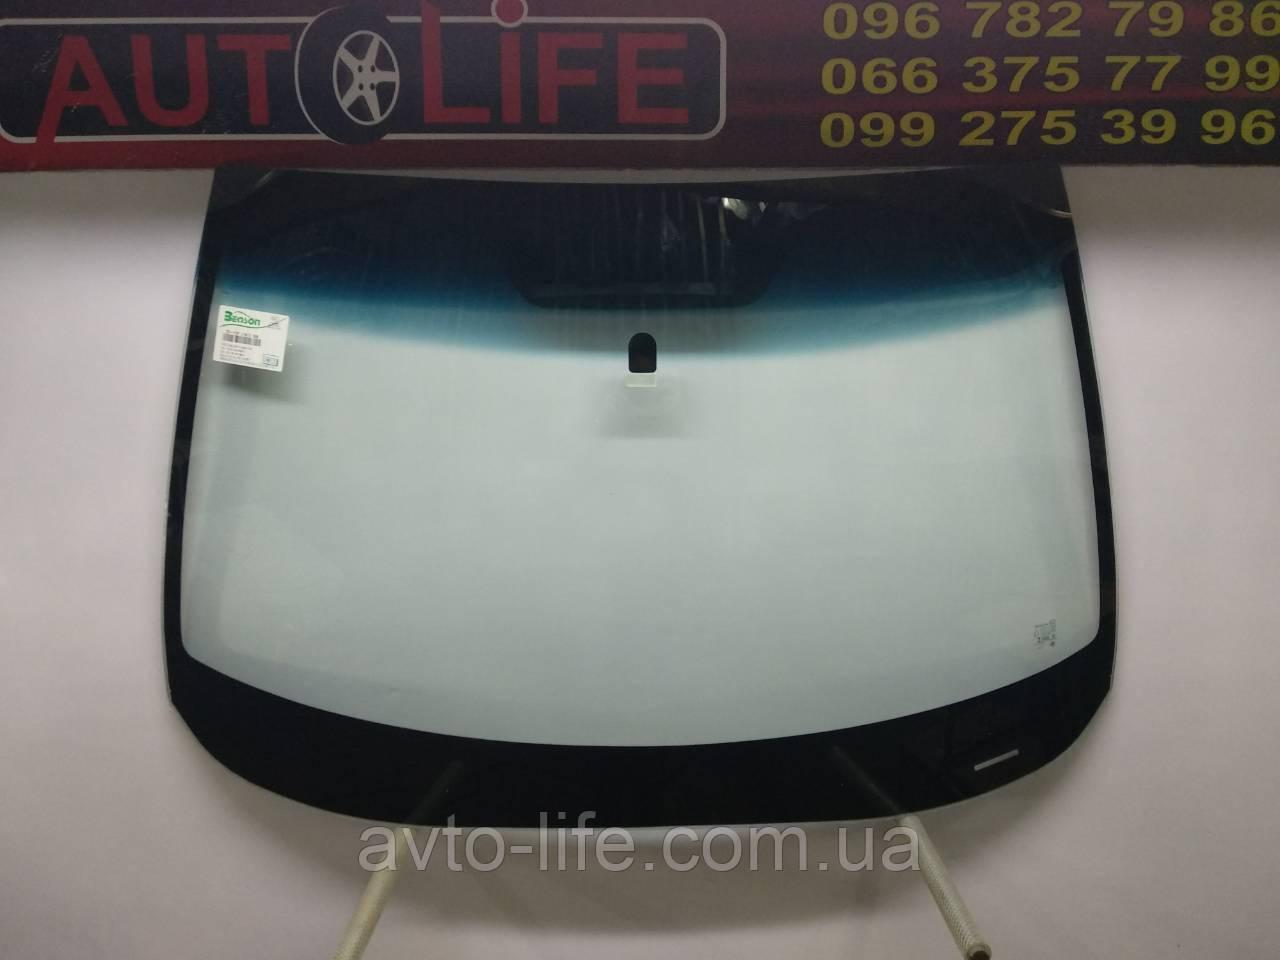 Лобовое стекло Subaru Impreza (Хетчбек) (2007- 2011)   Автостекло Субару Импреза Оригинал